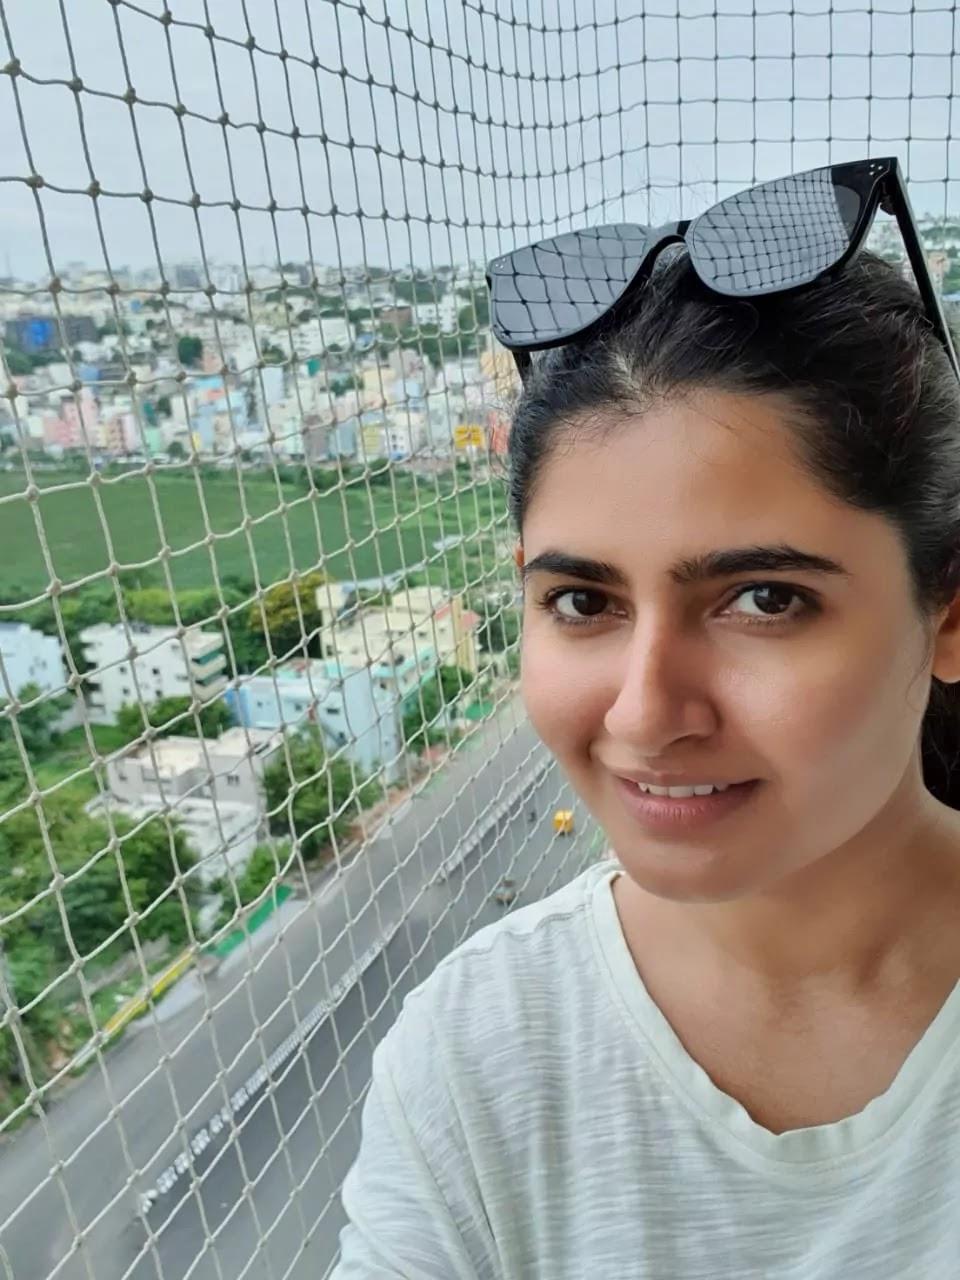 ashima-narwal-random-selfie-pics-in-lockdown